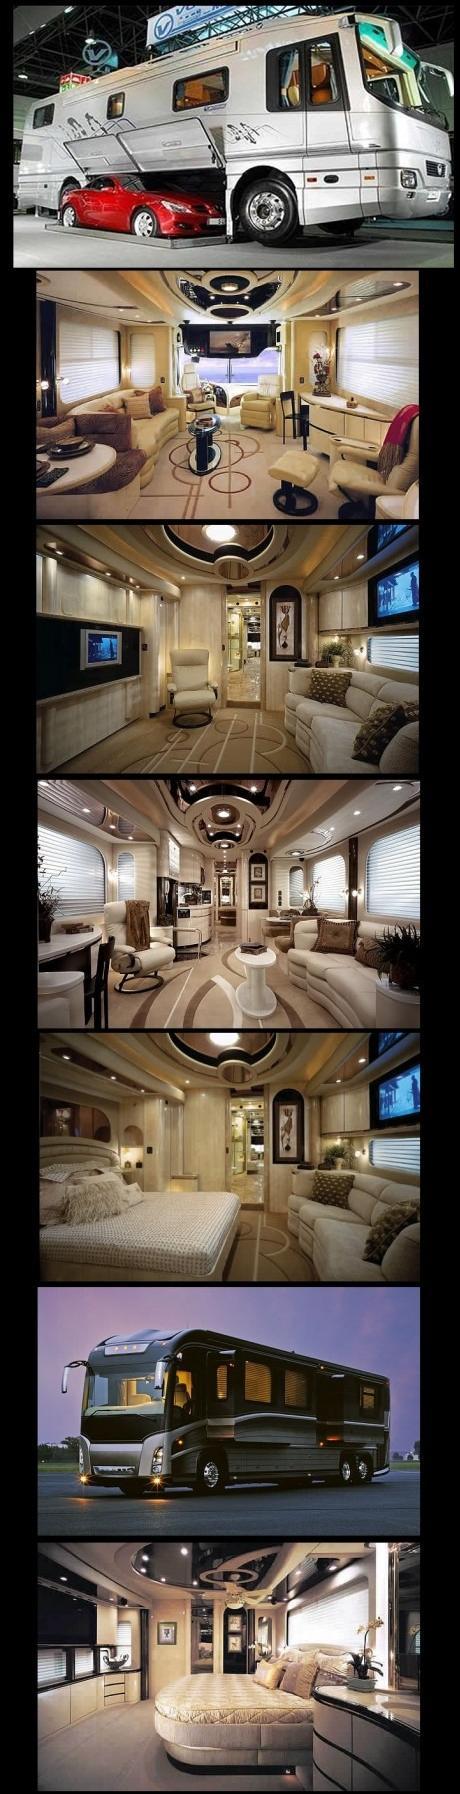 Extreem luxe bus